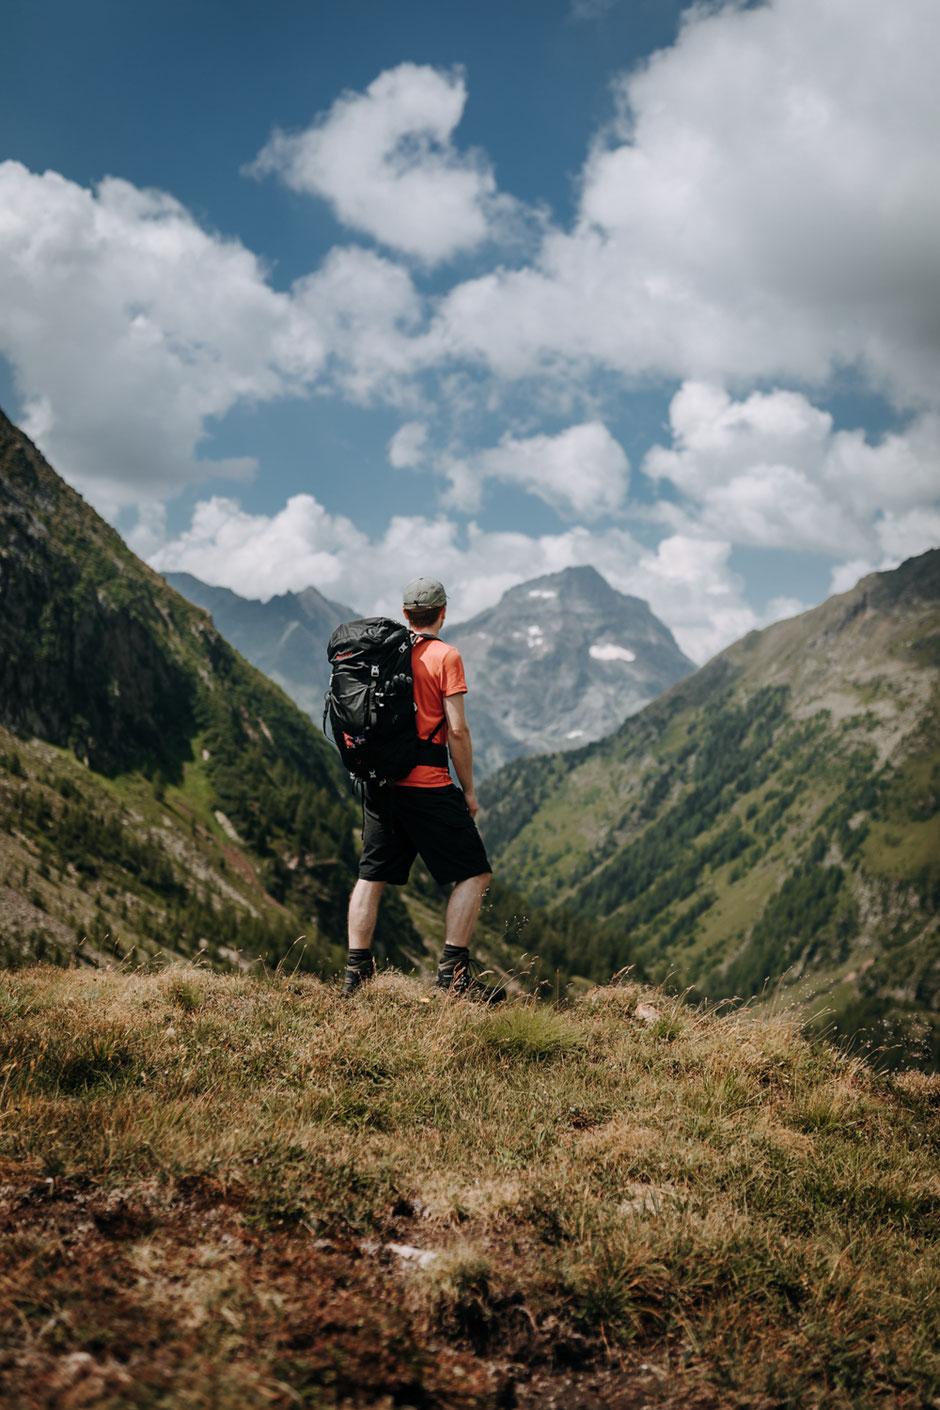 Lanschitzseen-Wandern-Hochgolling-Lungau-Salzburg-Wanderung